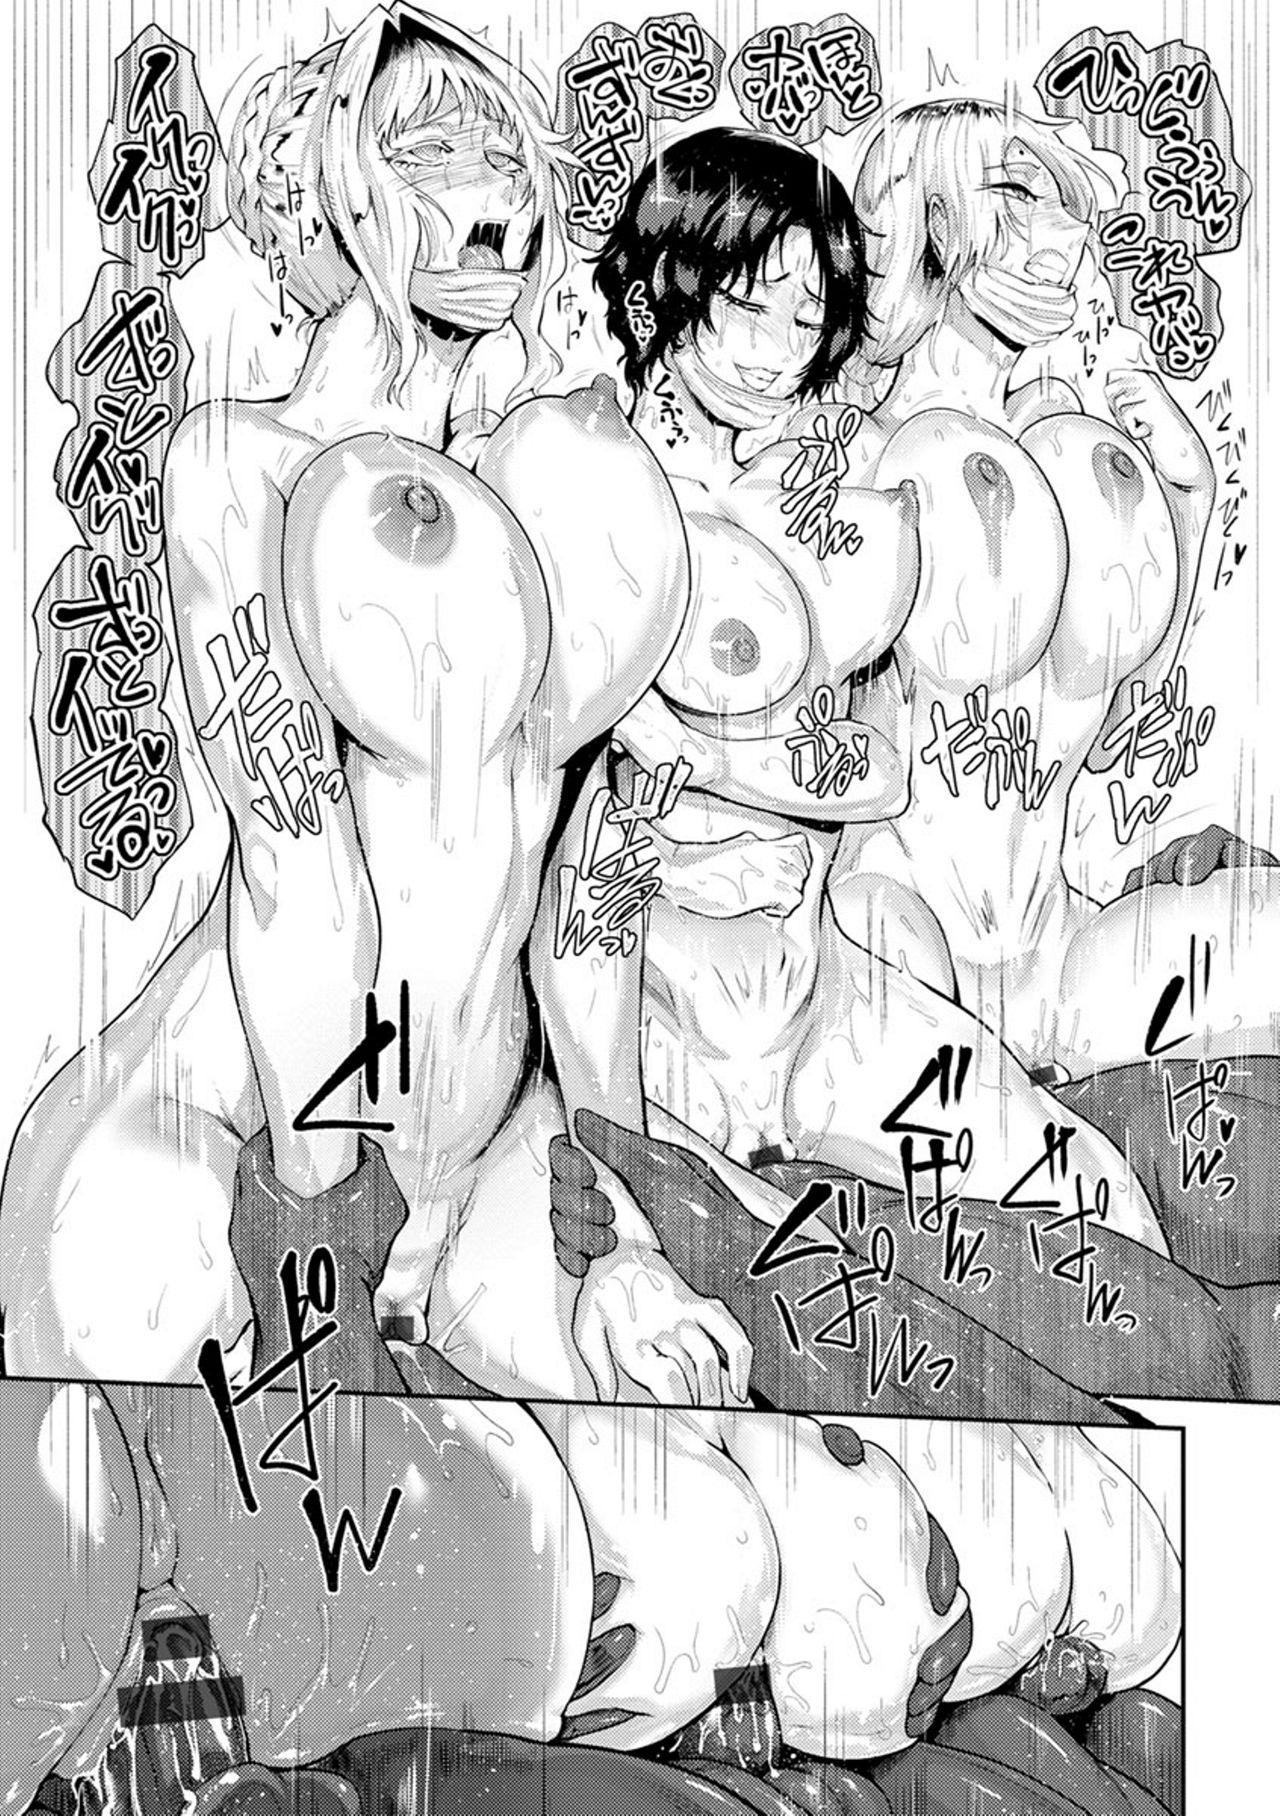 【エロ漫画】女子〇生3人組は新しいクスリの実験台になってしまう!はーいこれ生放送するからね~♡